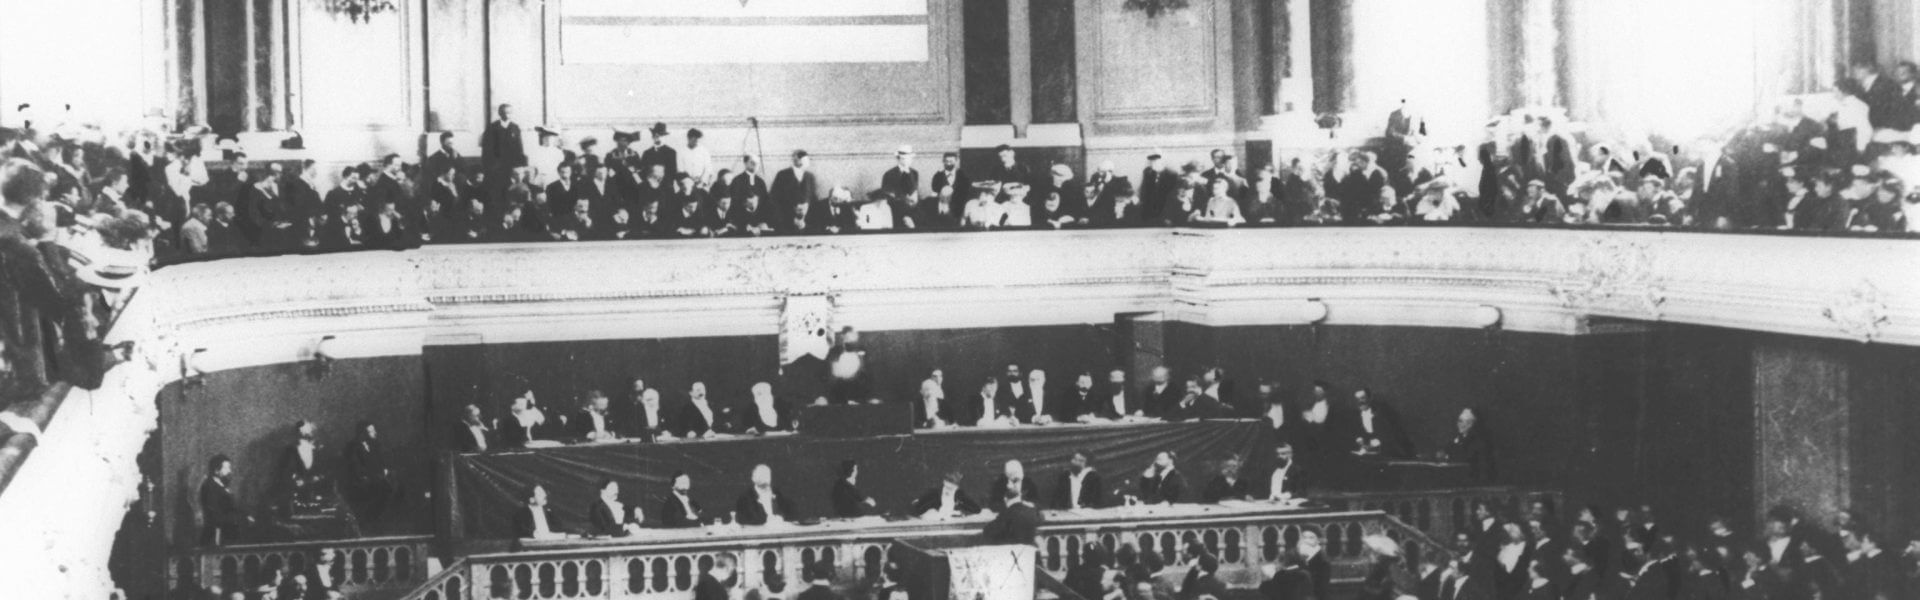 תאודור הרצל בקונגרס הציוני הראשון או השני - שנת 1897-1898